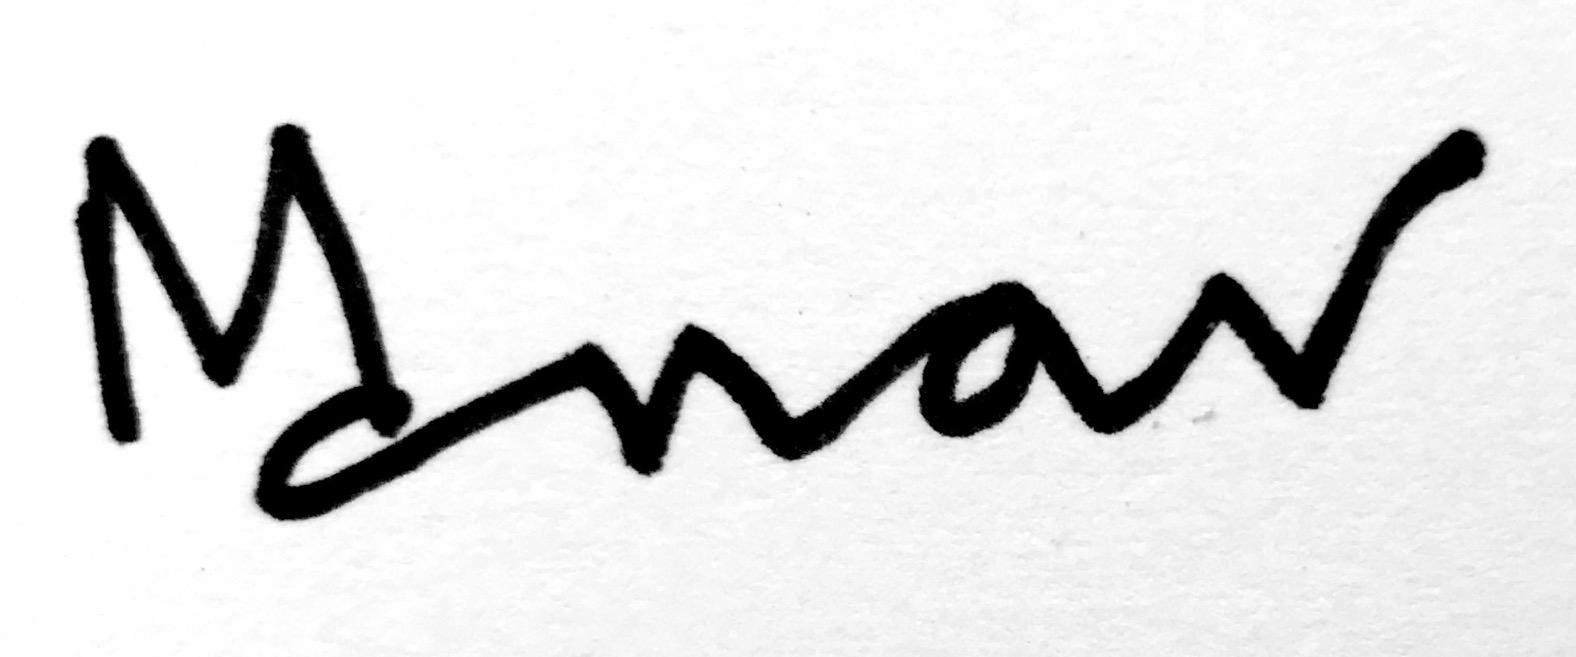 manav verma's Signature